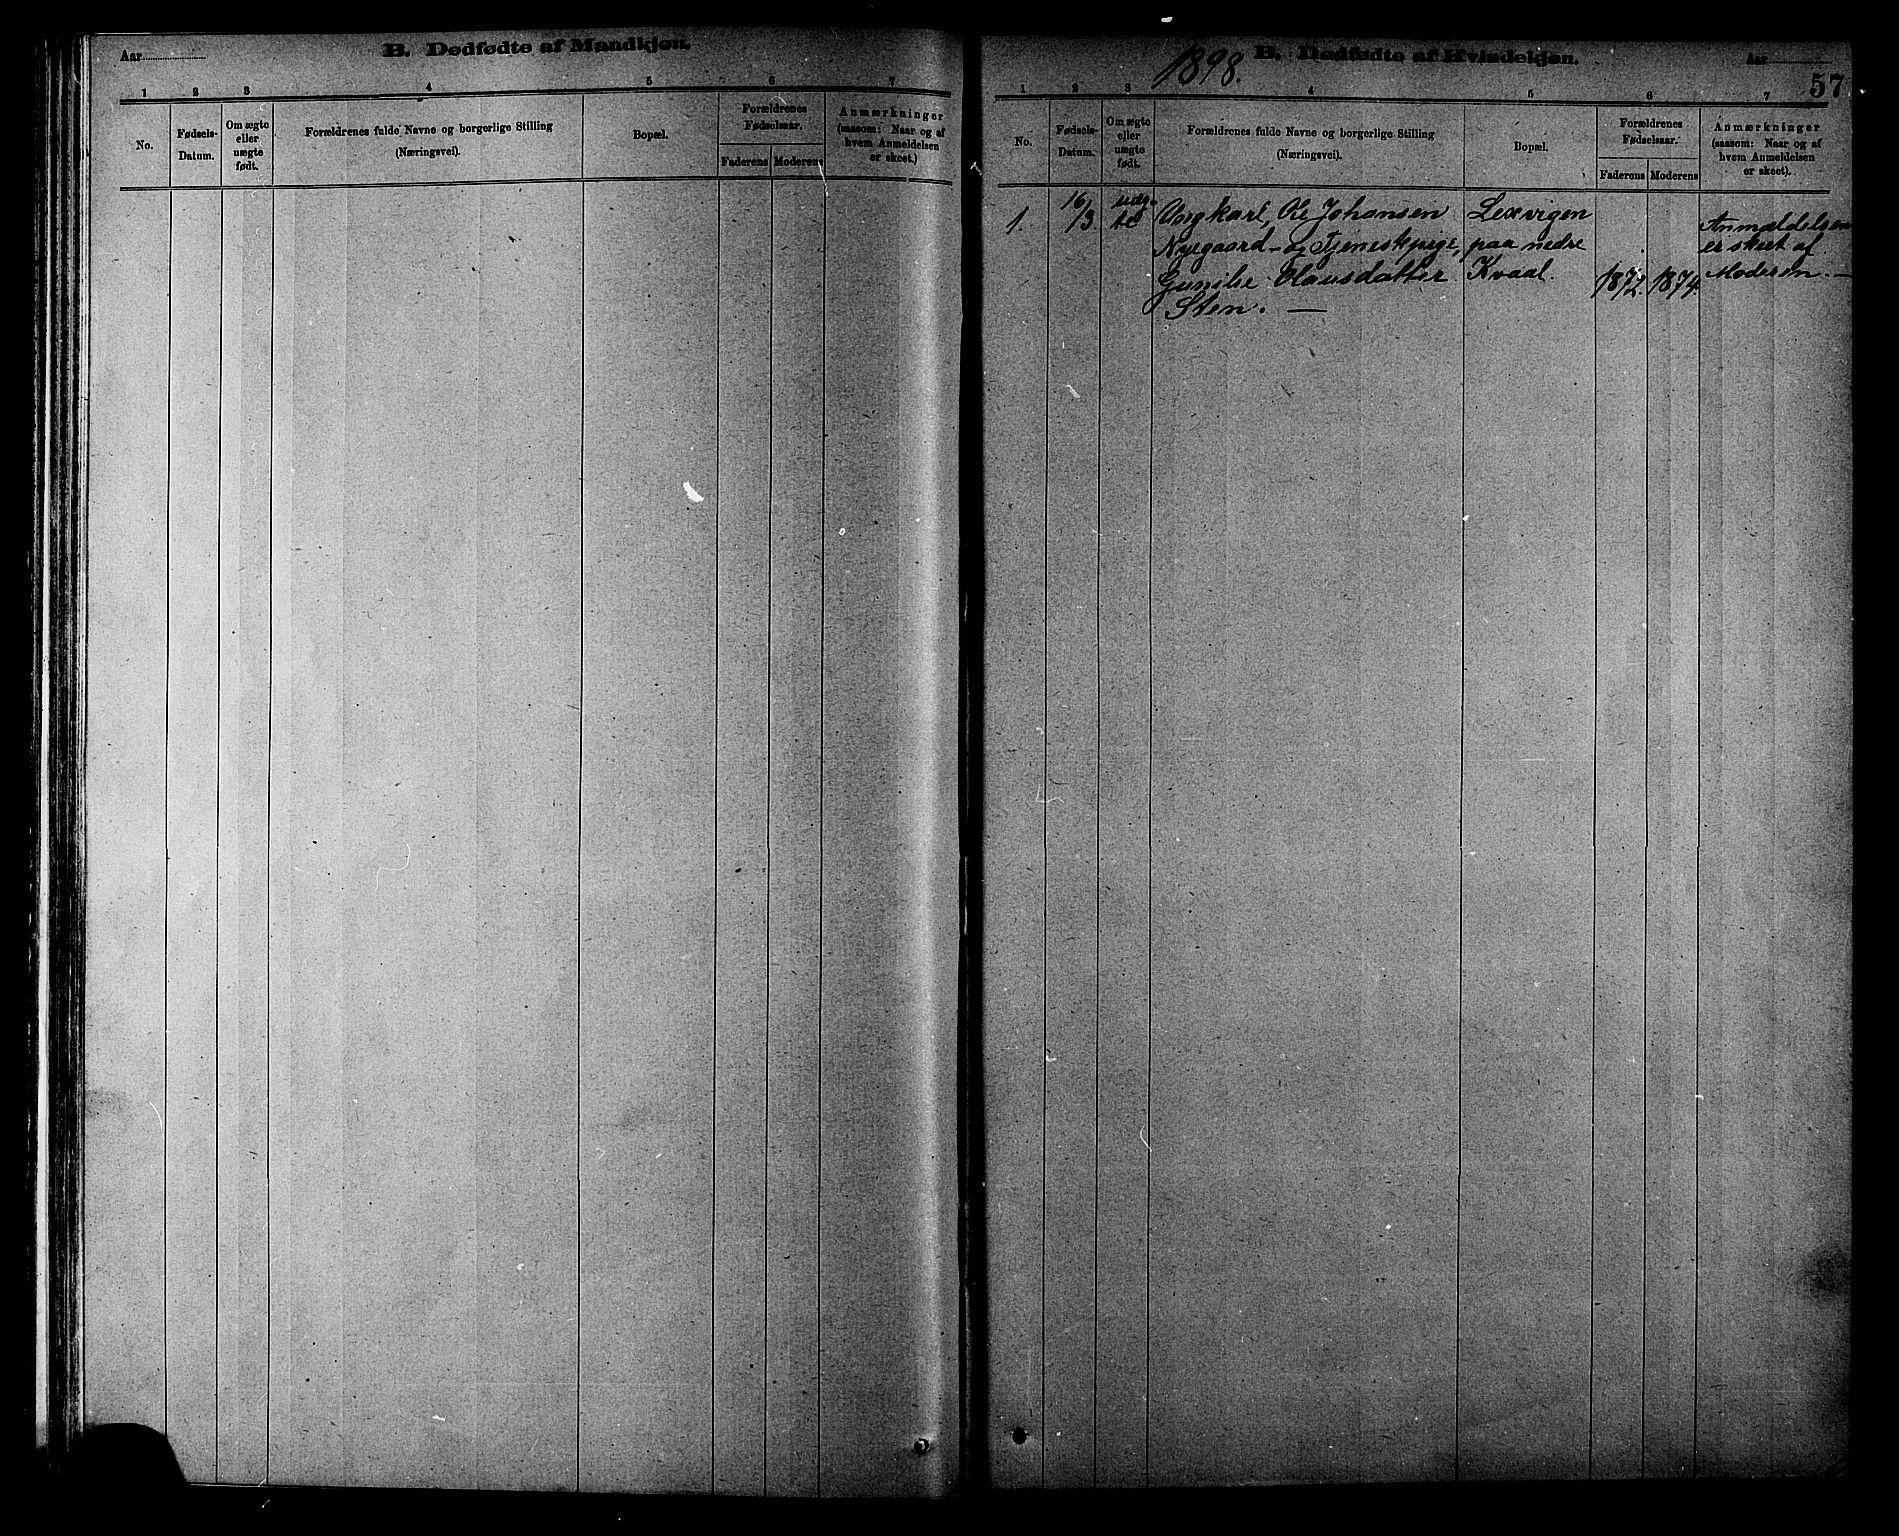 SAT, Ministerialprotokoller, klokkerbøker og fødselsregistre - Sør-Trøndelag, 608/L0341: Klokkerbok nr. 608C07, 1890-1912, s. 57